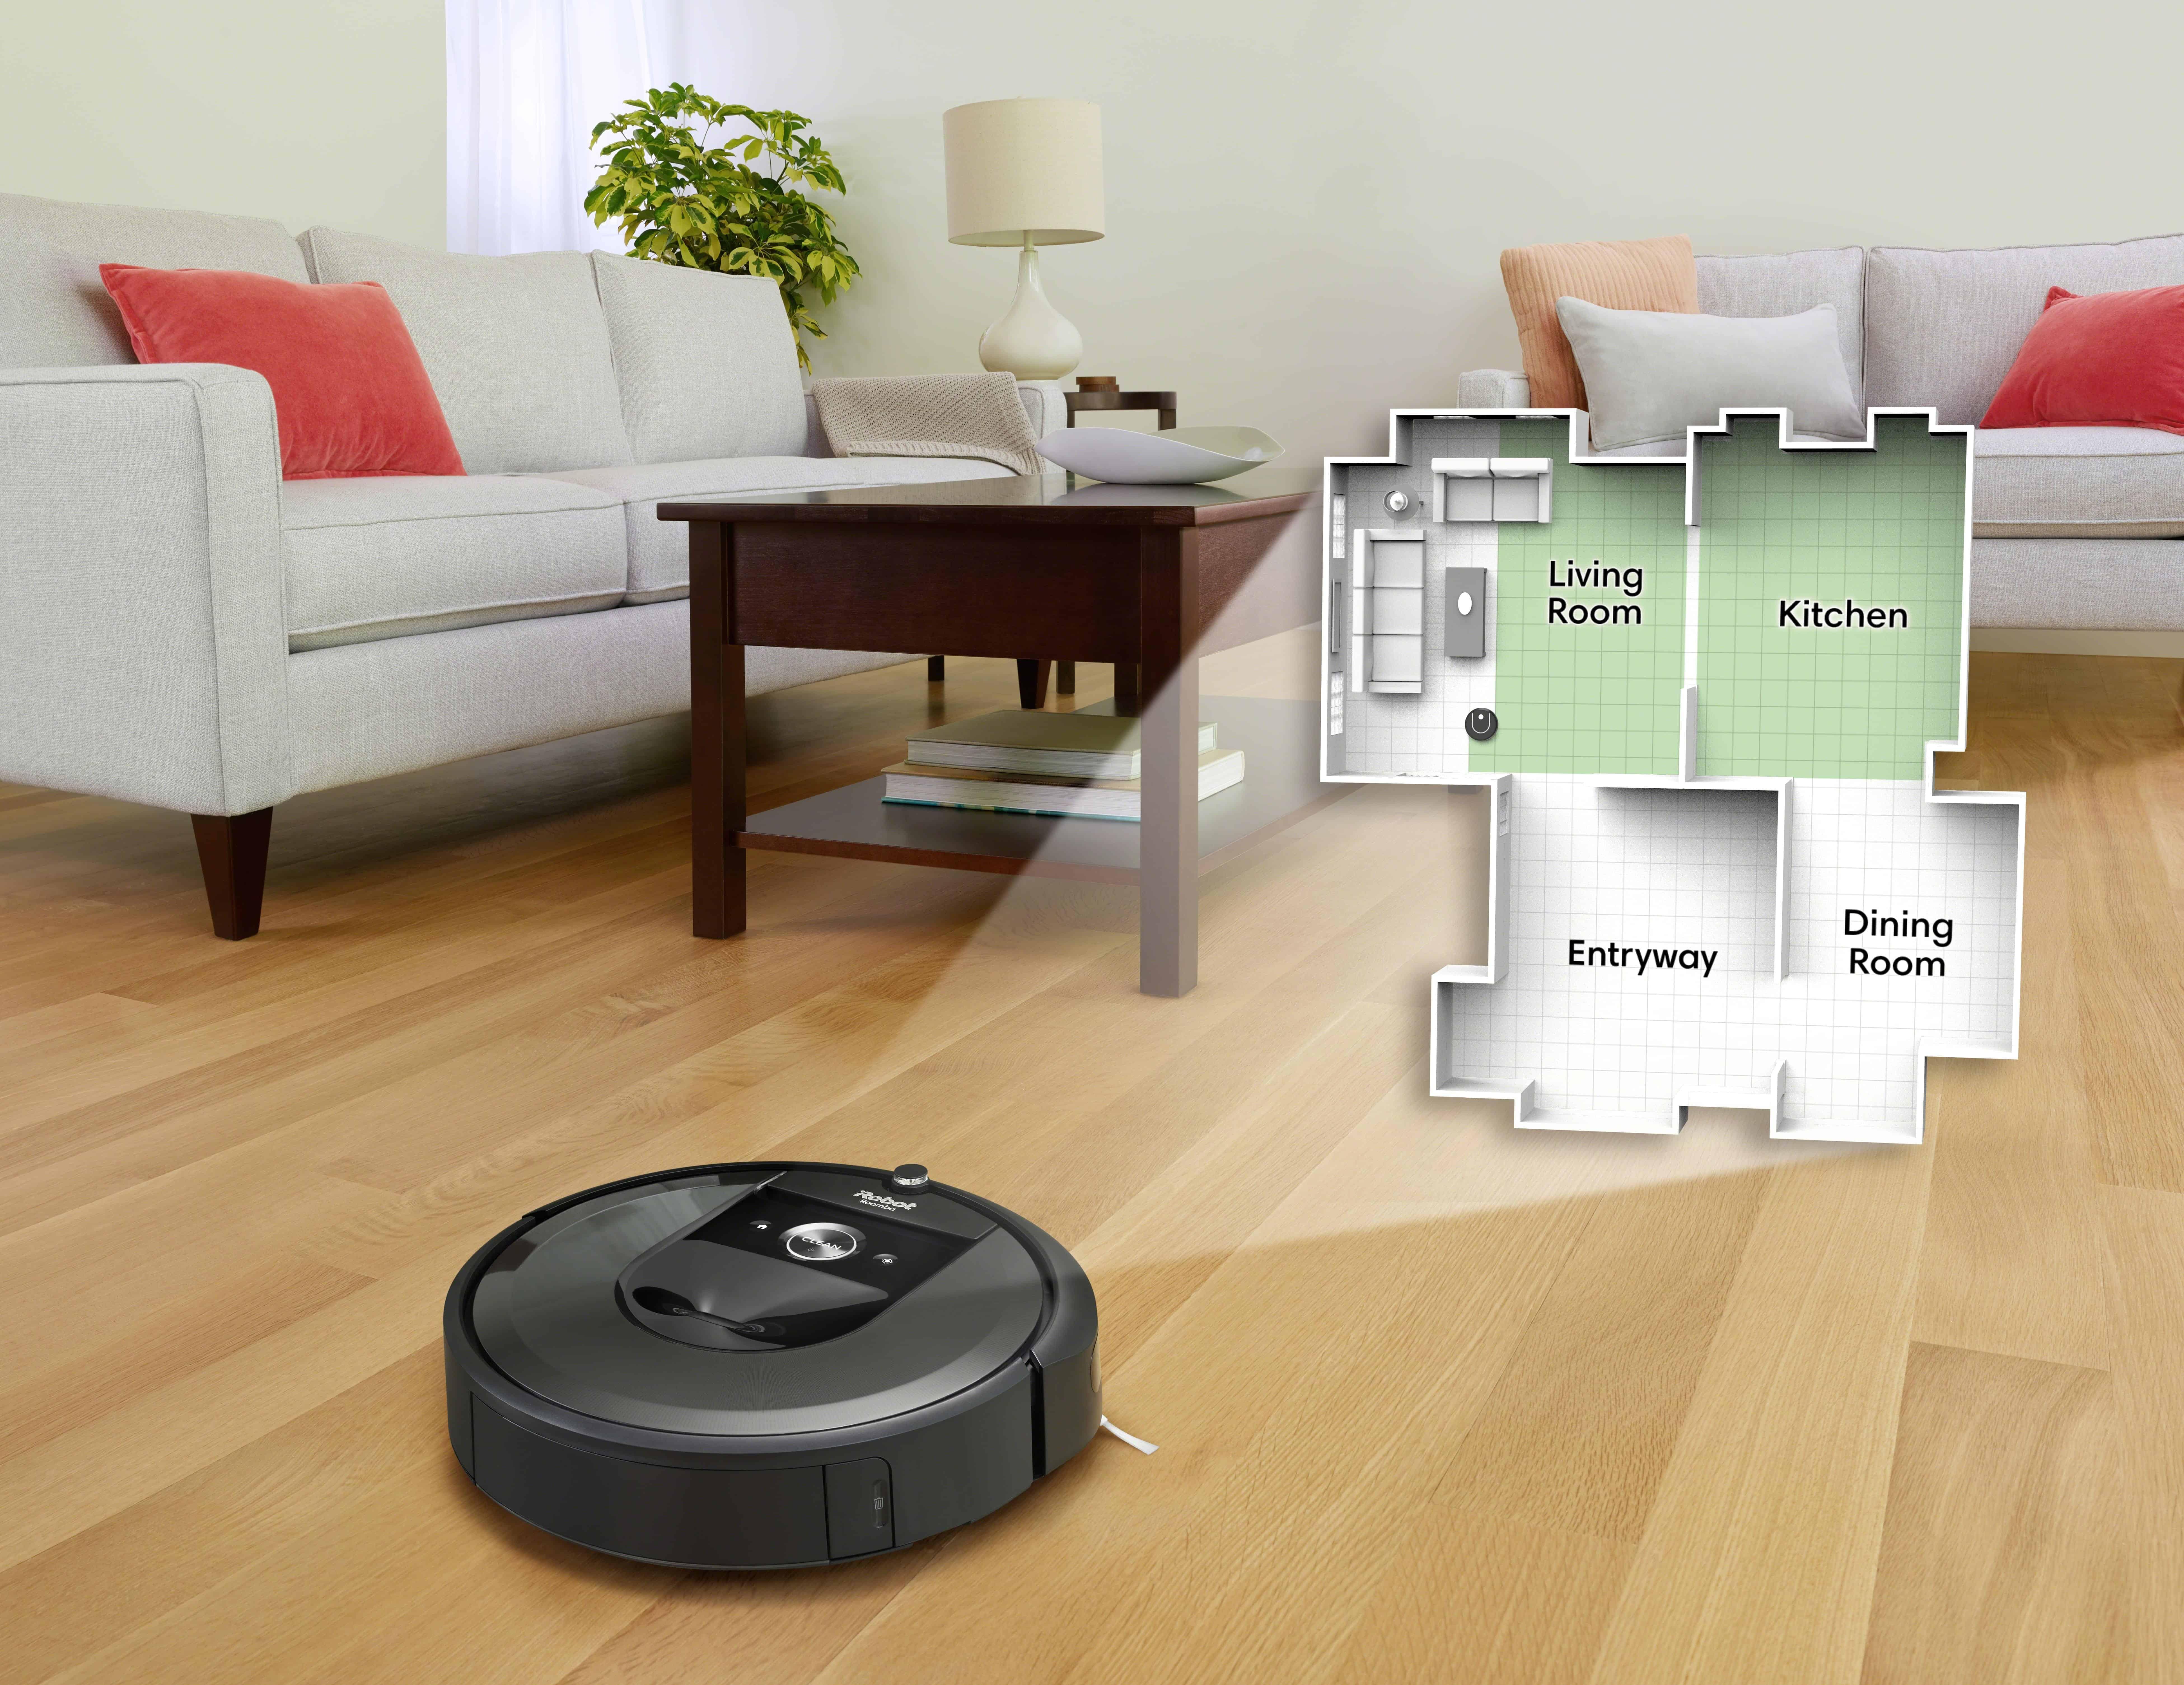 irobot roomba i7 i7 Charcoal Photo Imprint Smart Map LivingRoom Overlay